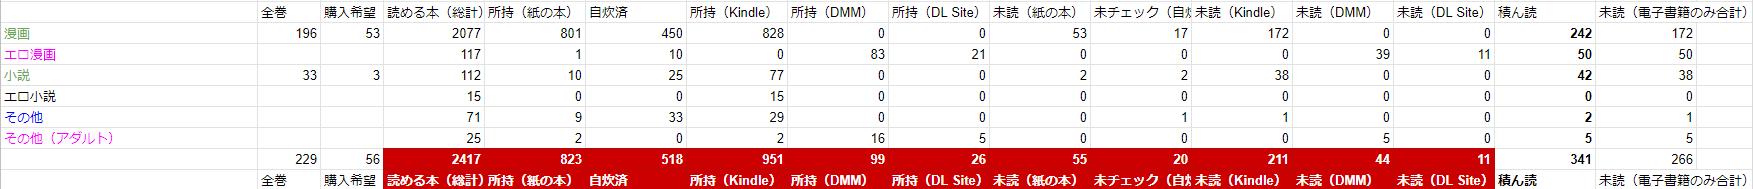 tsumihon-2020-6-1.png